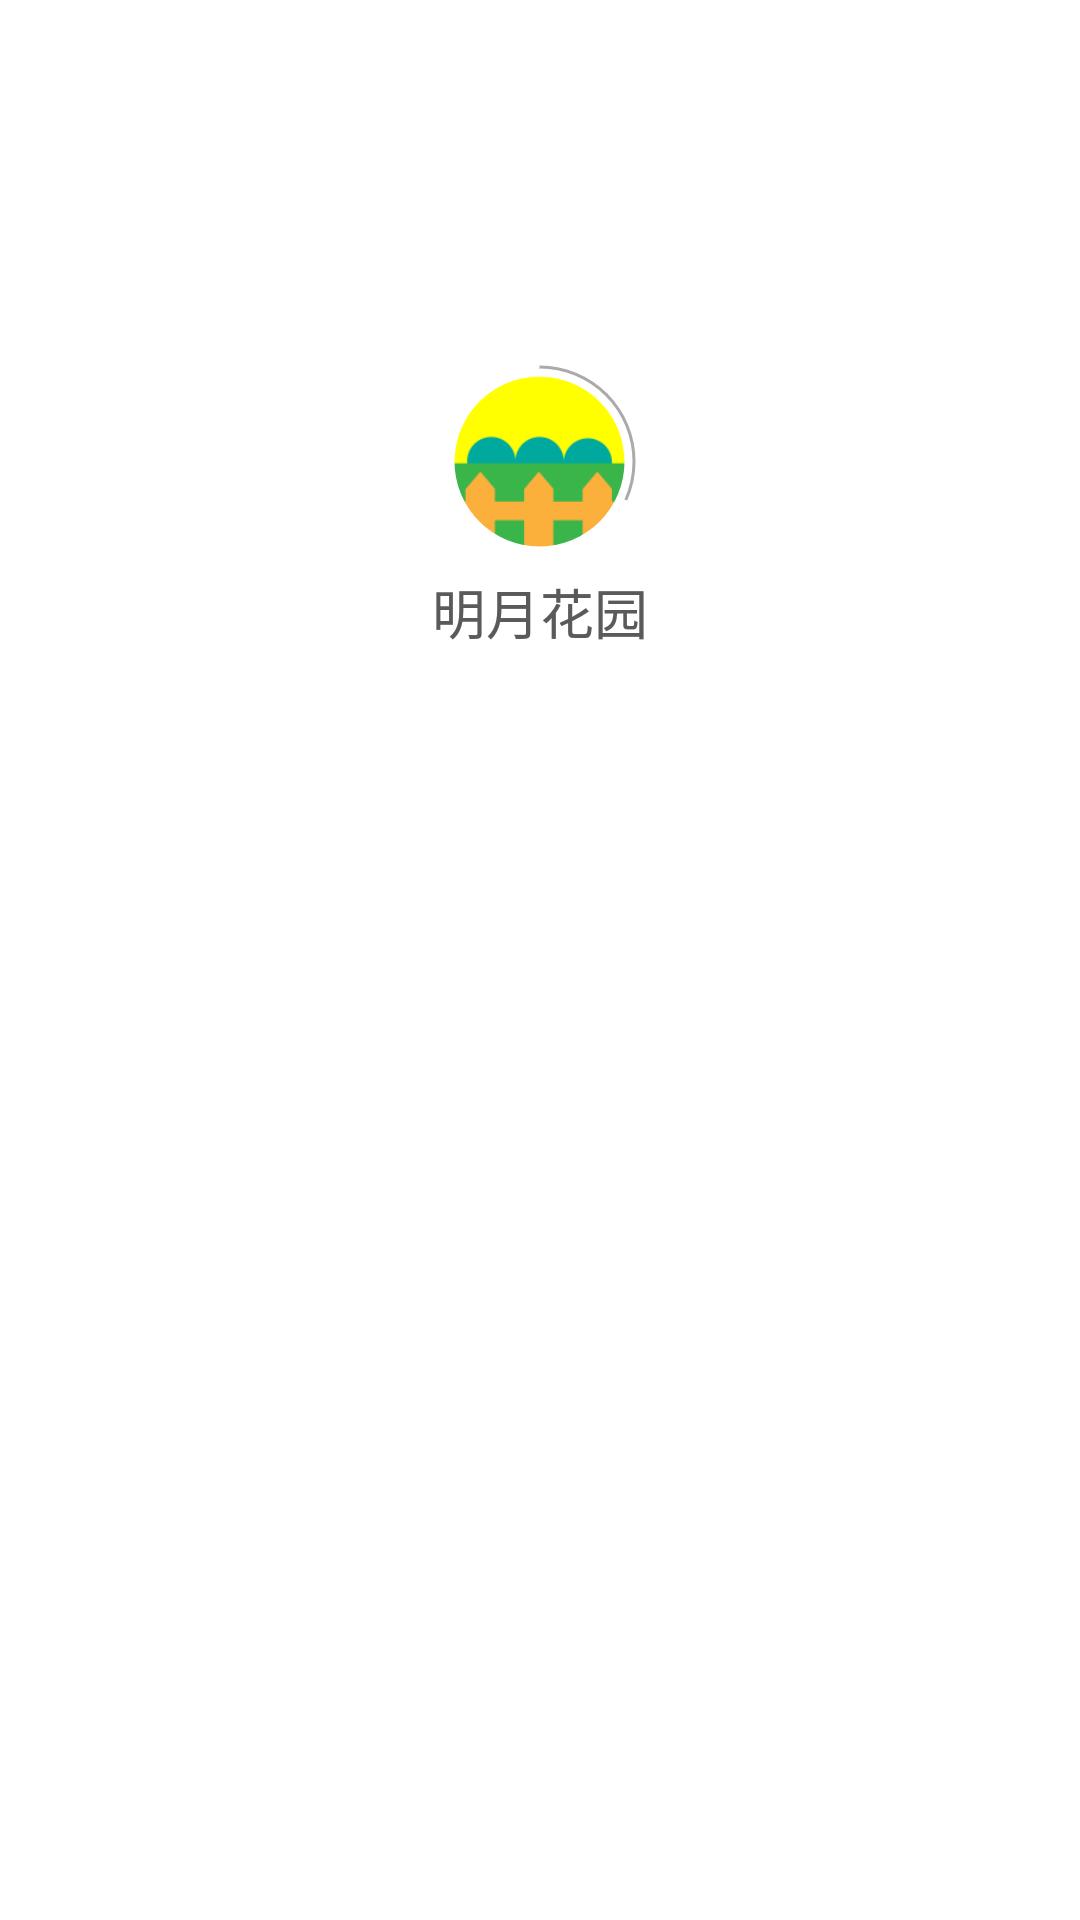 明月花园app最新版截图4